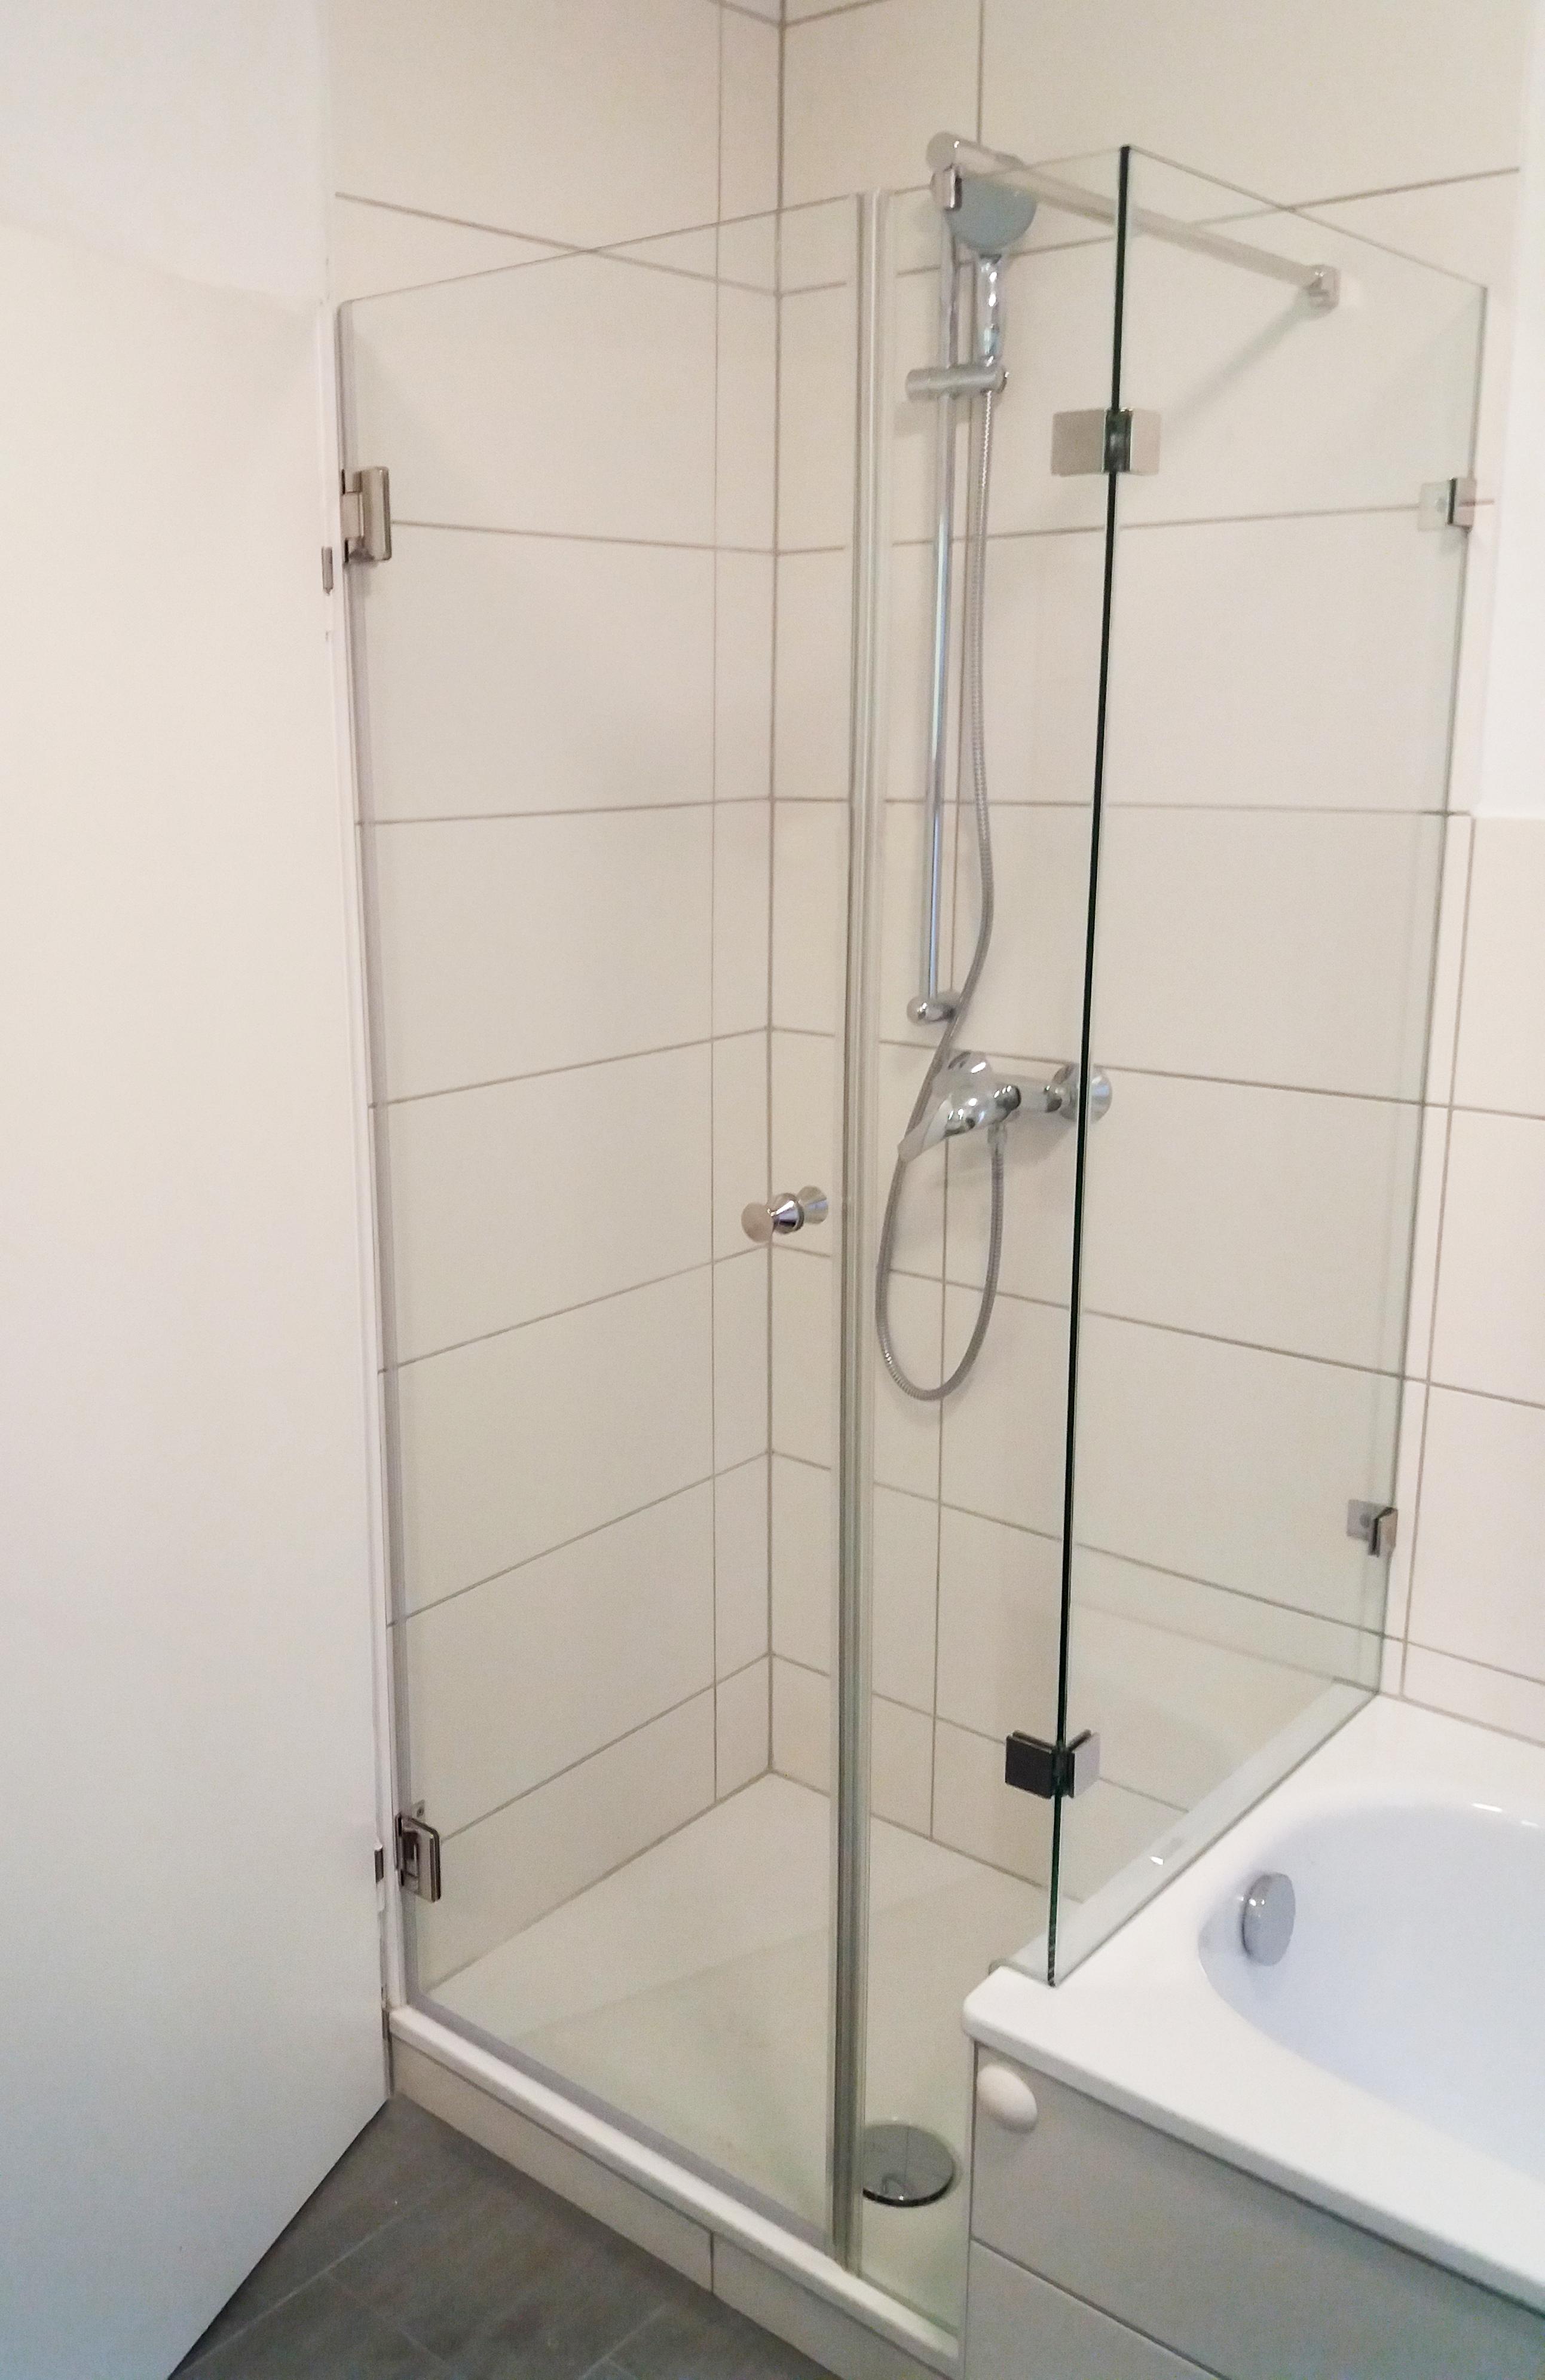 Duschabtrennung Zur Wanne Mit Schmalem Festteil Und Edlen Edelstahlbeschlagen Dusche Badewanne Duschabtrennung